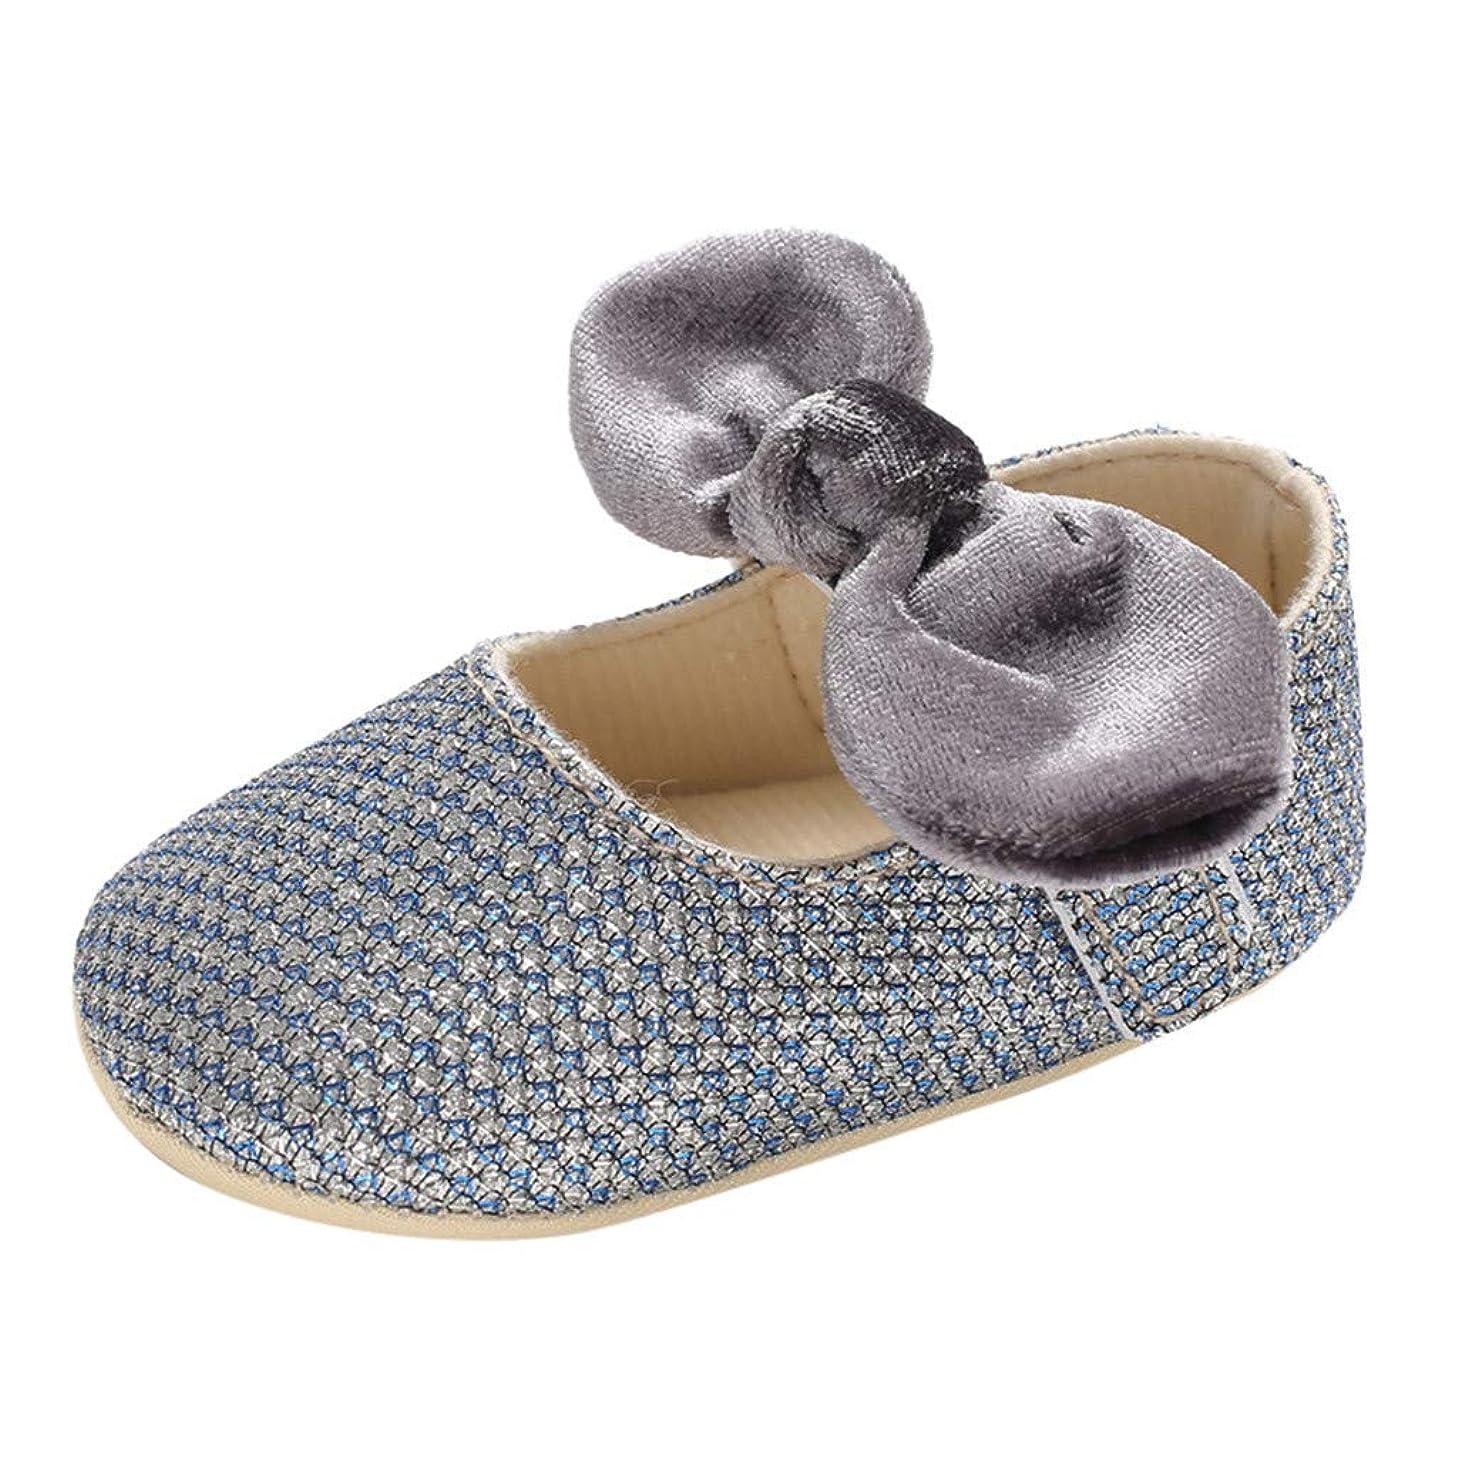 踏みつけ来て振る舞うEldori 幼児の靴 ファッション 可愛い 新生児 女の赤ちゃん 男 子 弓ソフトソール王女 靴サンダル赤ちゃん 靴幼児 靴 歩行練習靴 通気 履き心地いい 記念日 出産お祝いプレゼント 0-15ヶ月